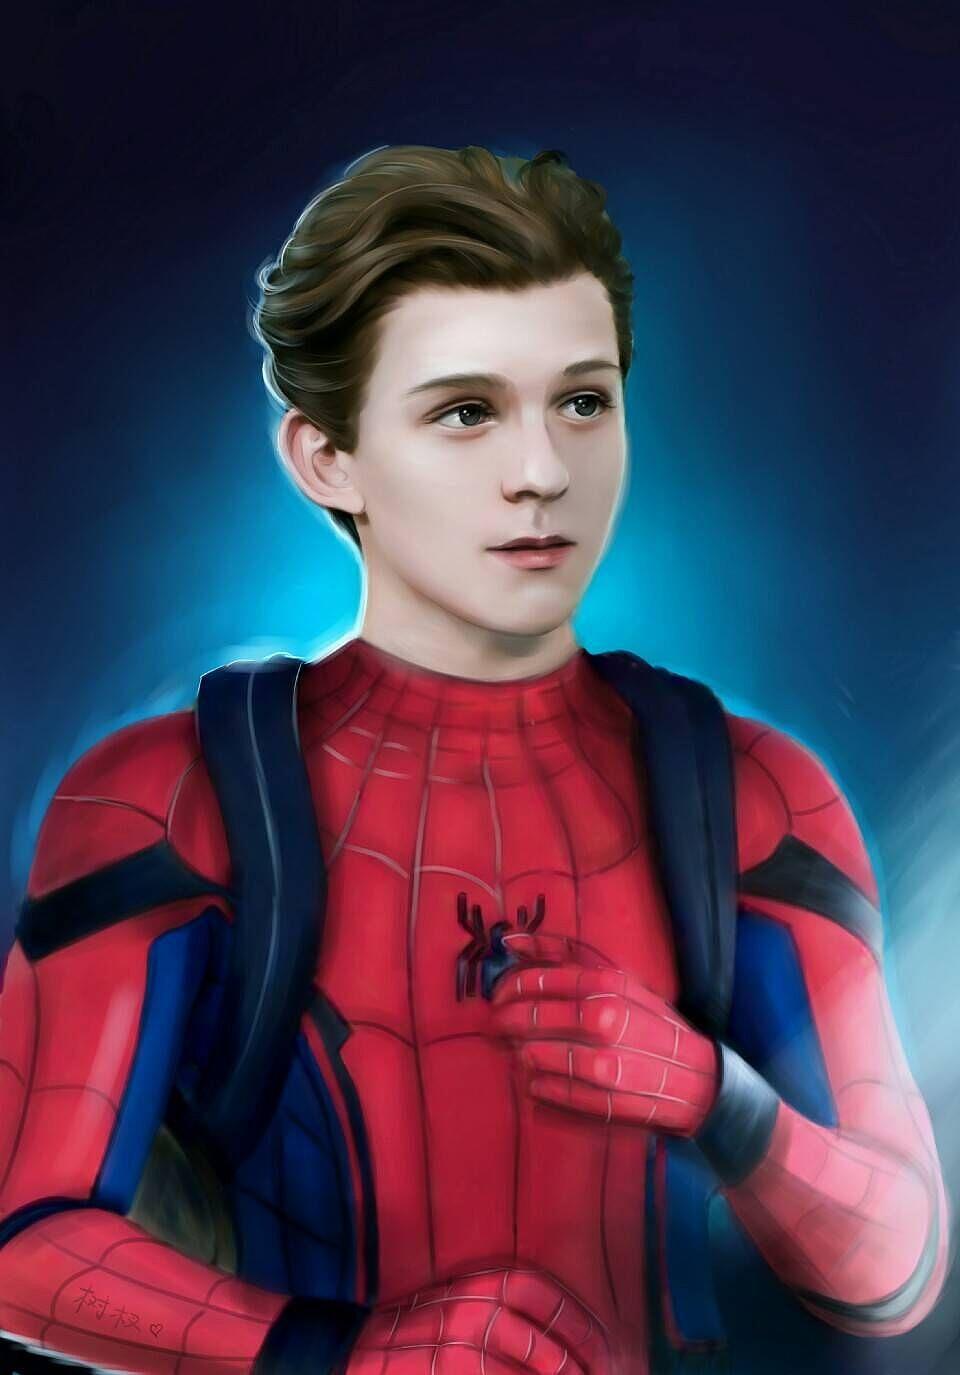 《蜘蛛侠 英雄归来》